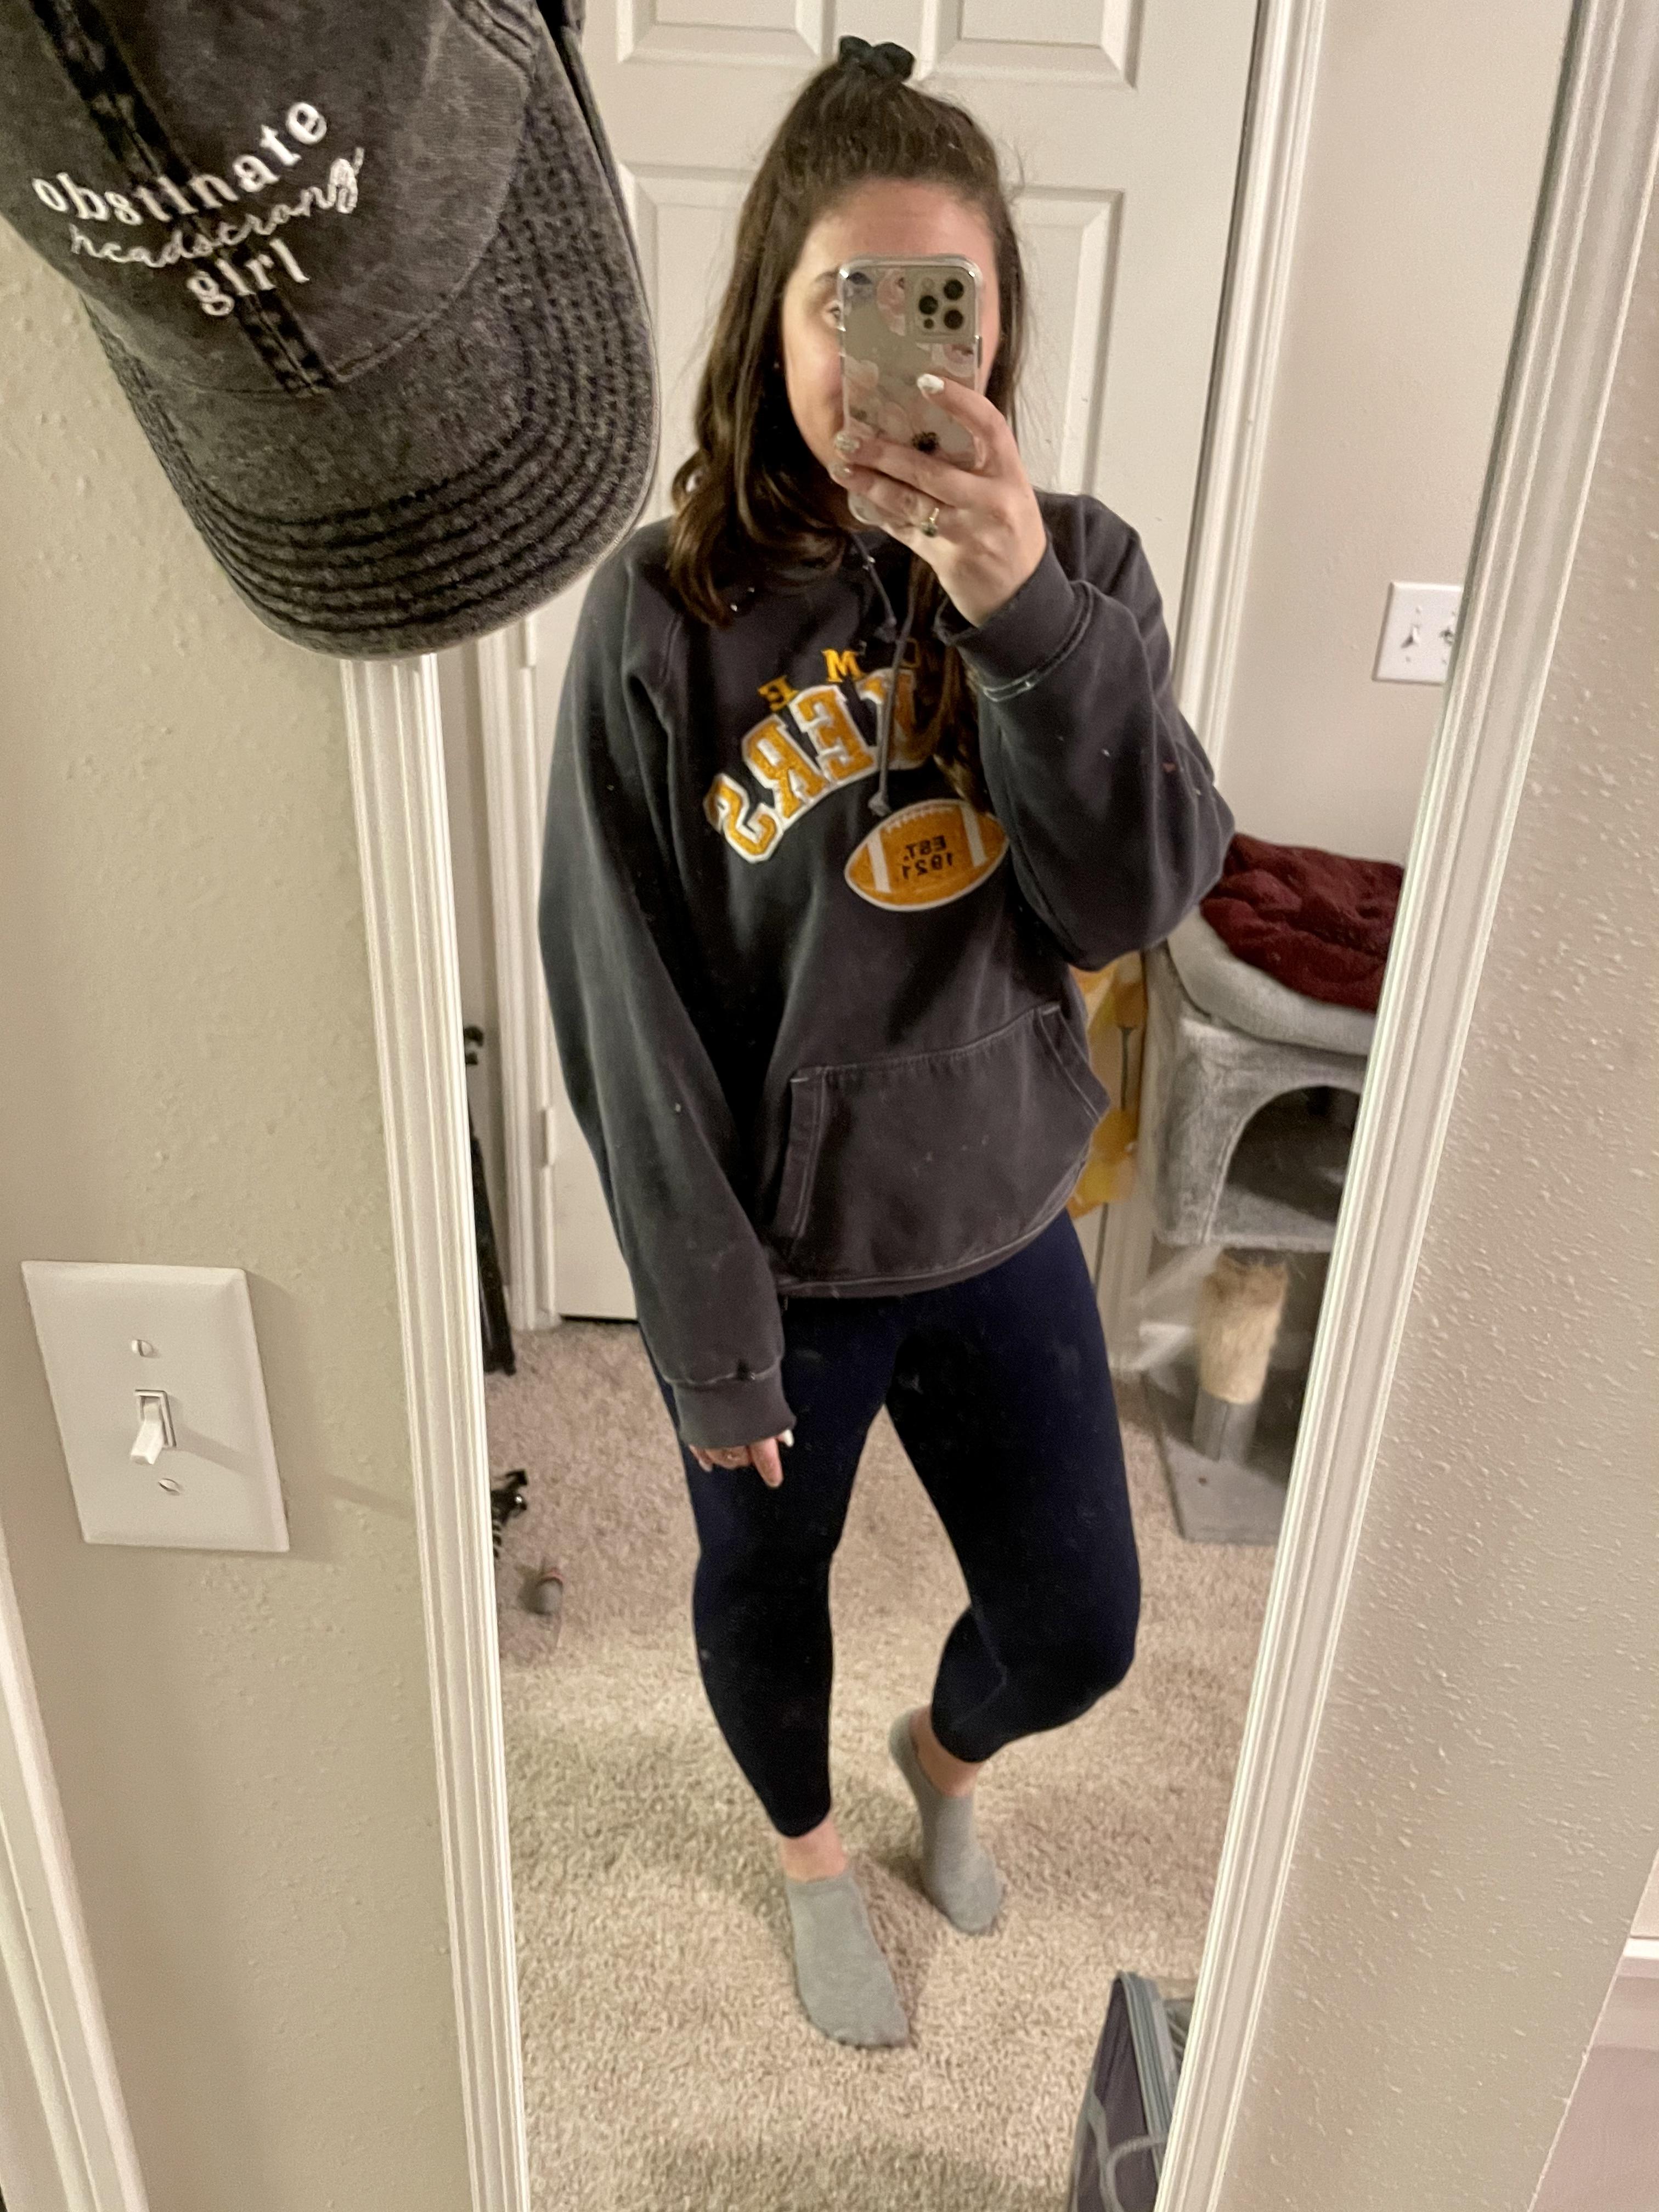 girl in packers sweatshirt and leggings